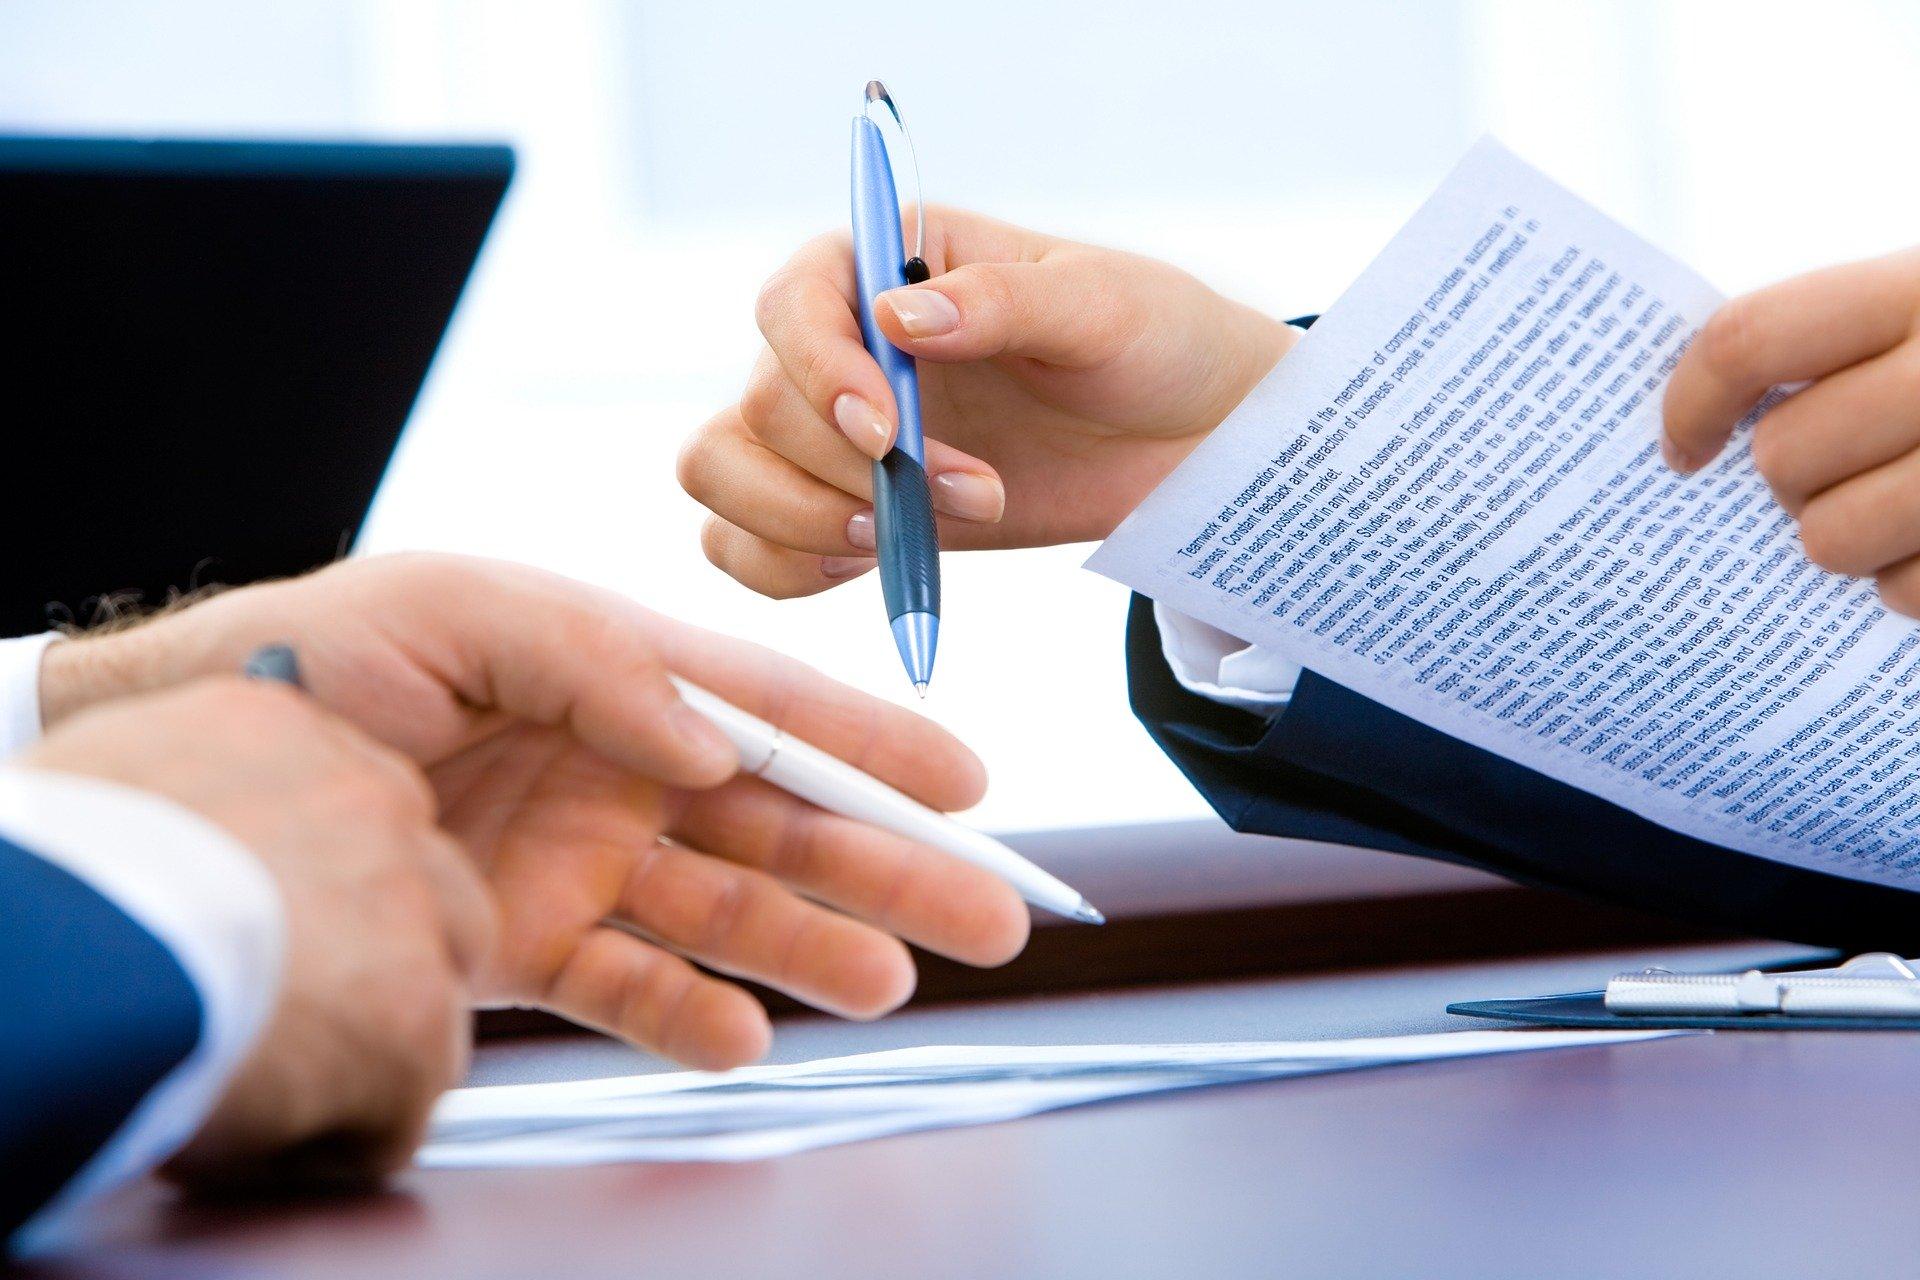 Interesante iniciativa para regular los contratos privados: Inminente desarrollo normativo de la cláusula rebus sic stantibus.